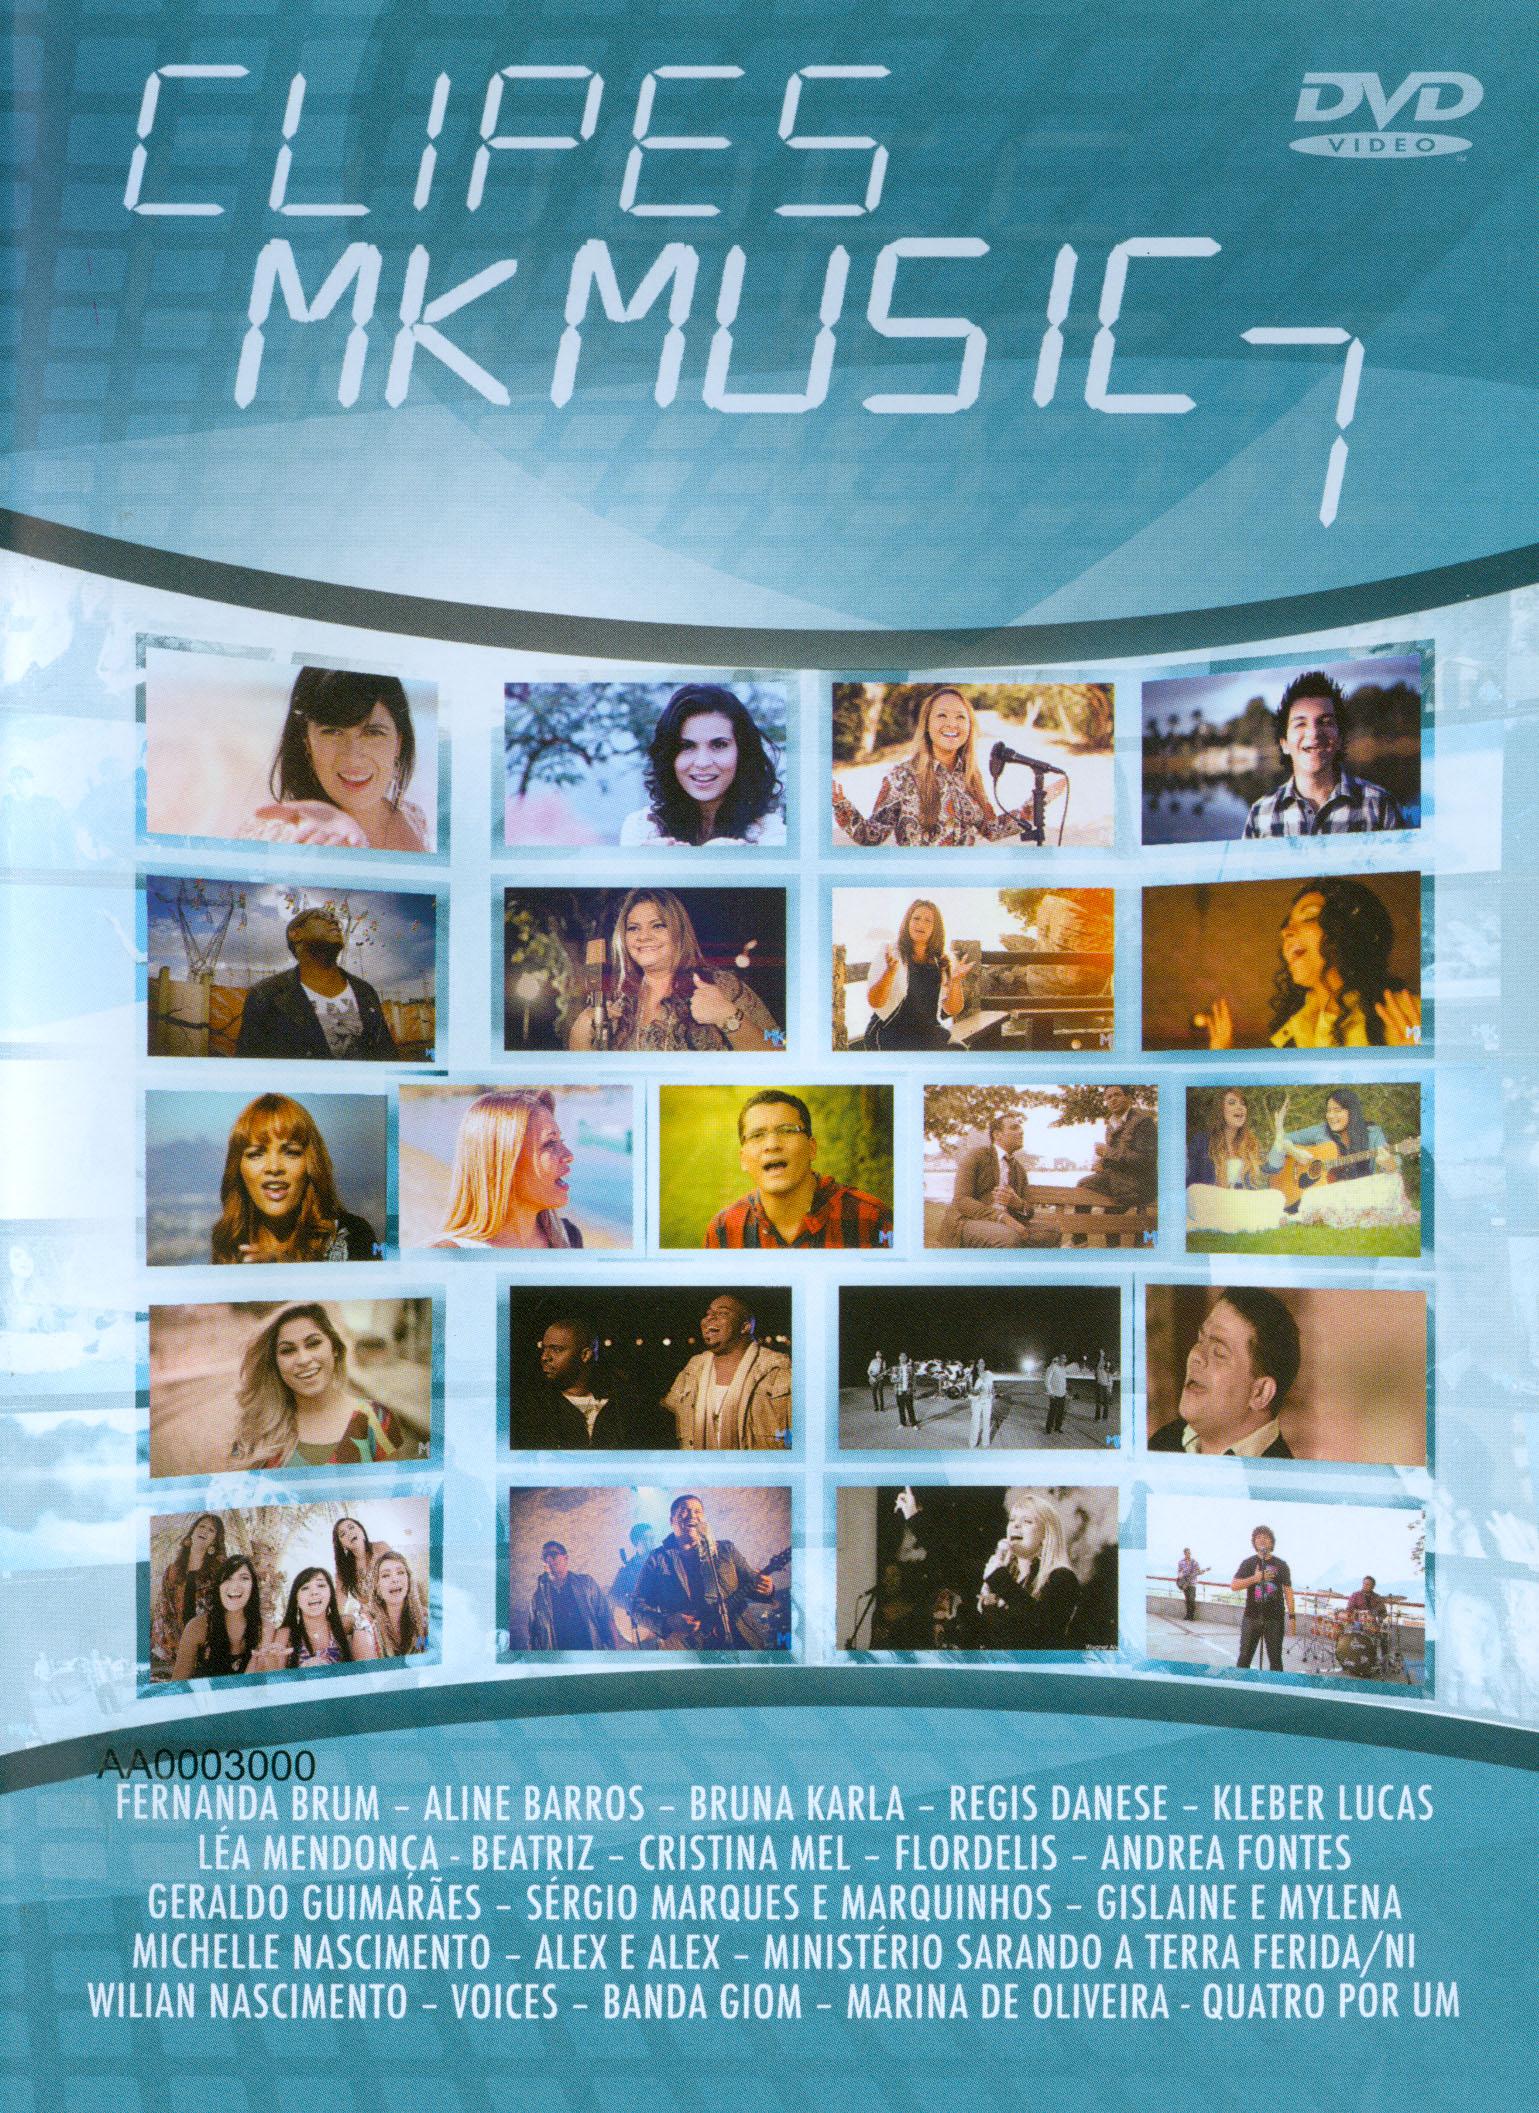 Clipes: MK Music 7